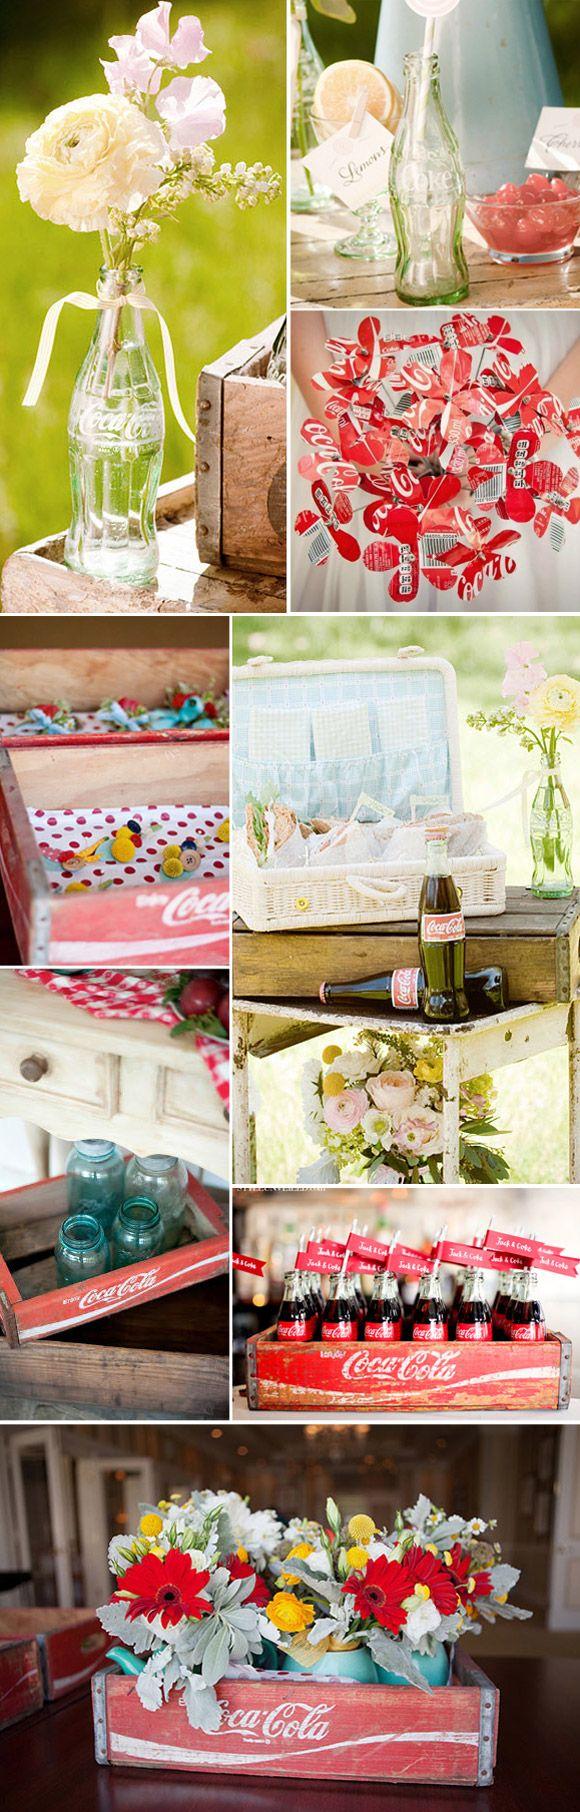 Decoración vintage para bodas con cajas y botellas de coca-cola